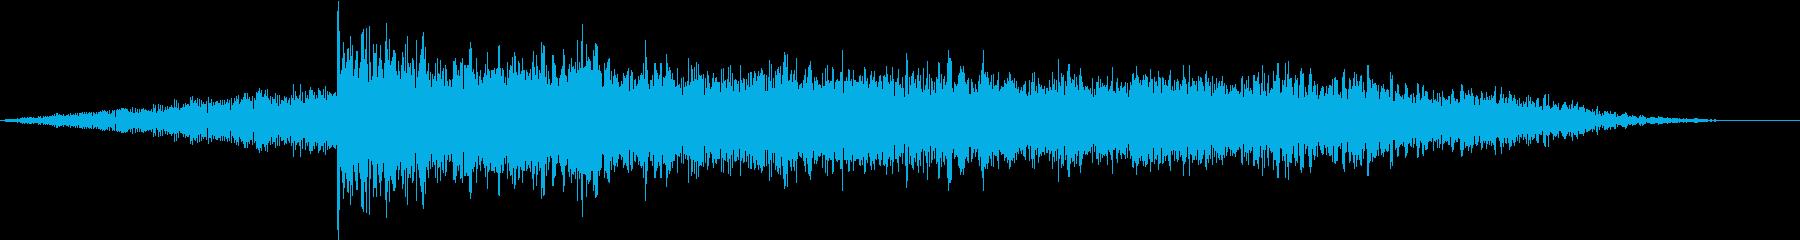 なんかヤバイところに来た音の再生済みの波形